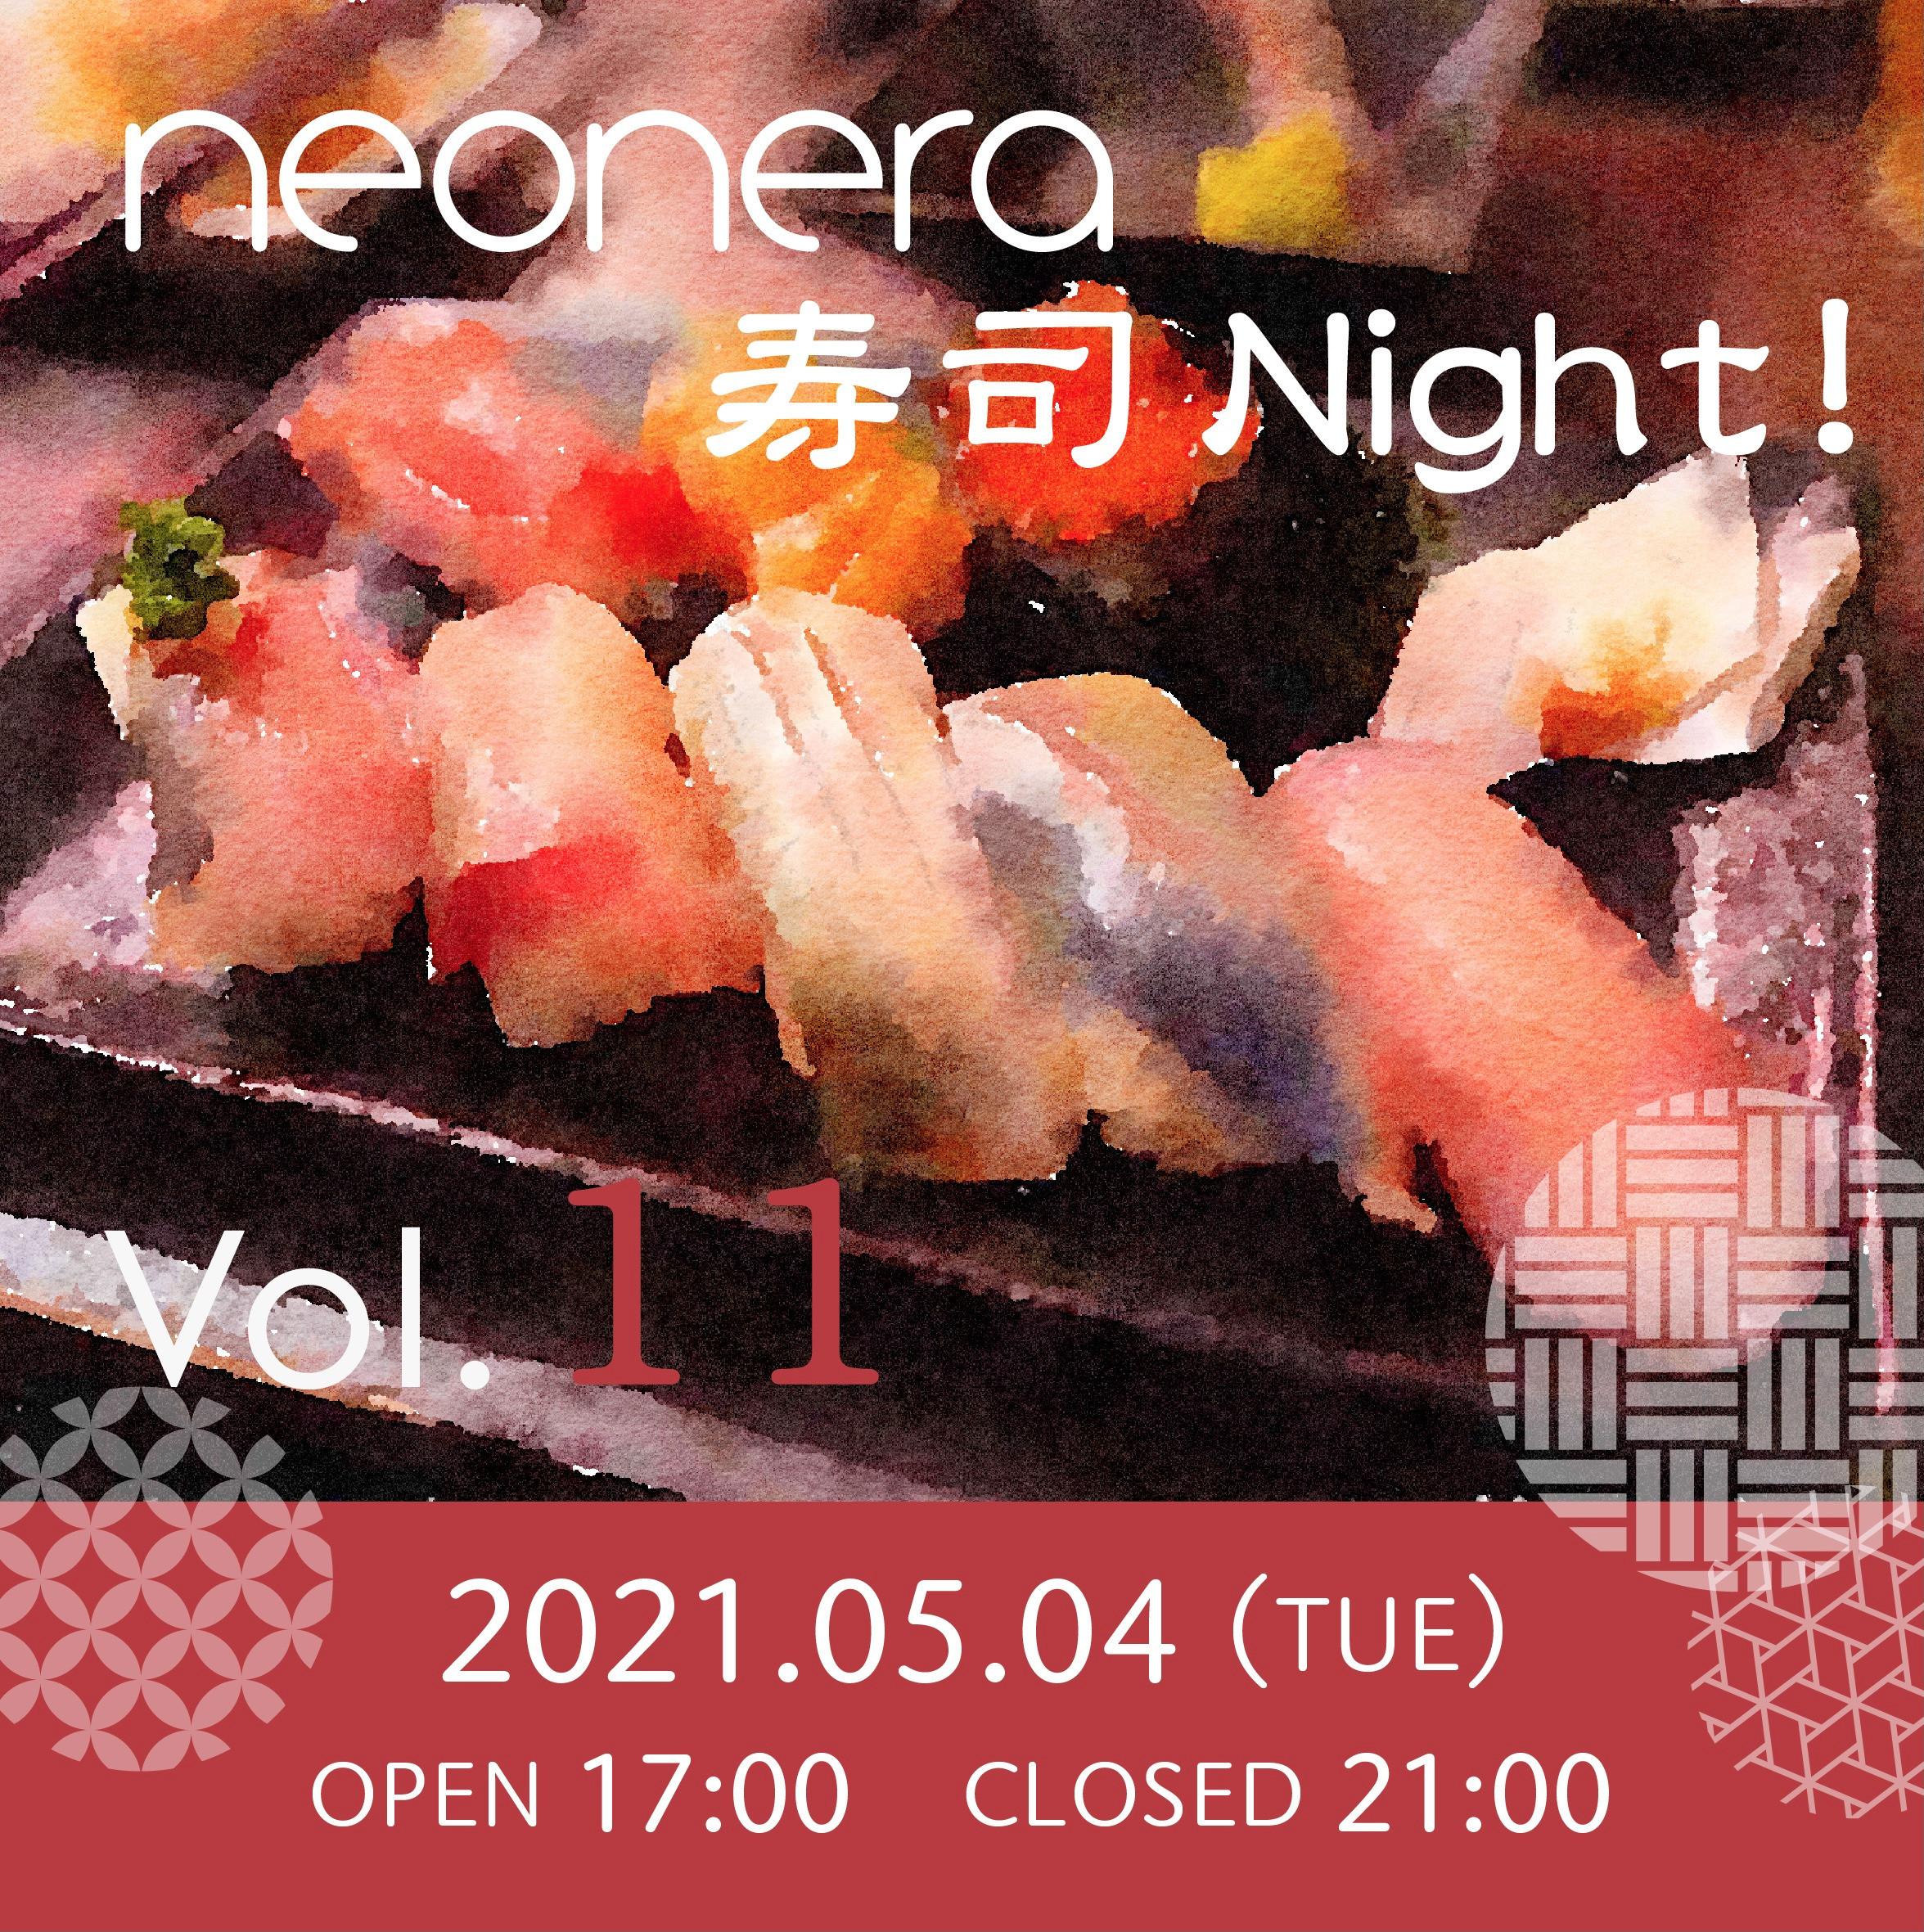 5月4日(火・祝)寿司night vol.11